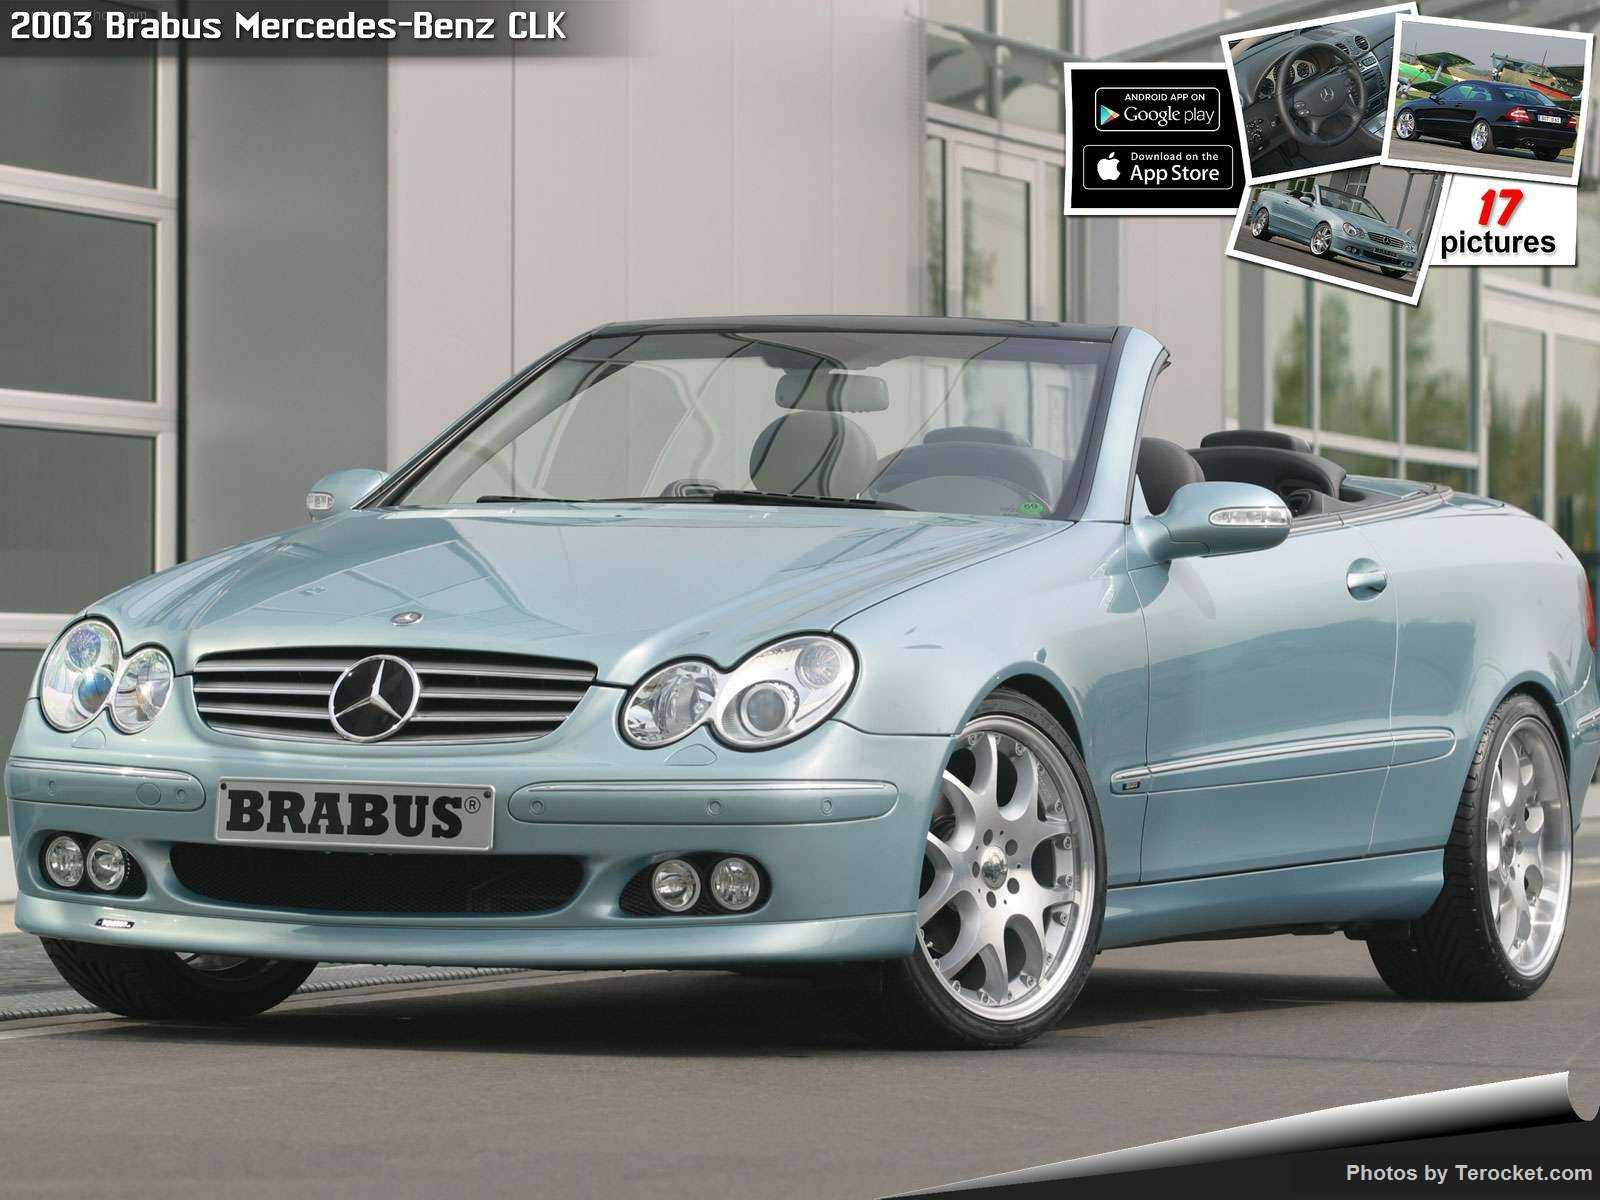 Hình ảnh xe ô tô Brabus Mercedes-Benz CLK 2003 & nội ngoại thất